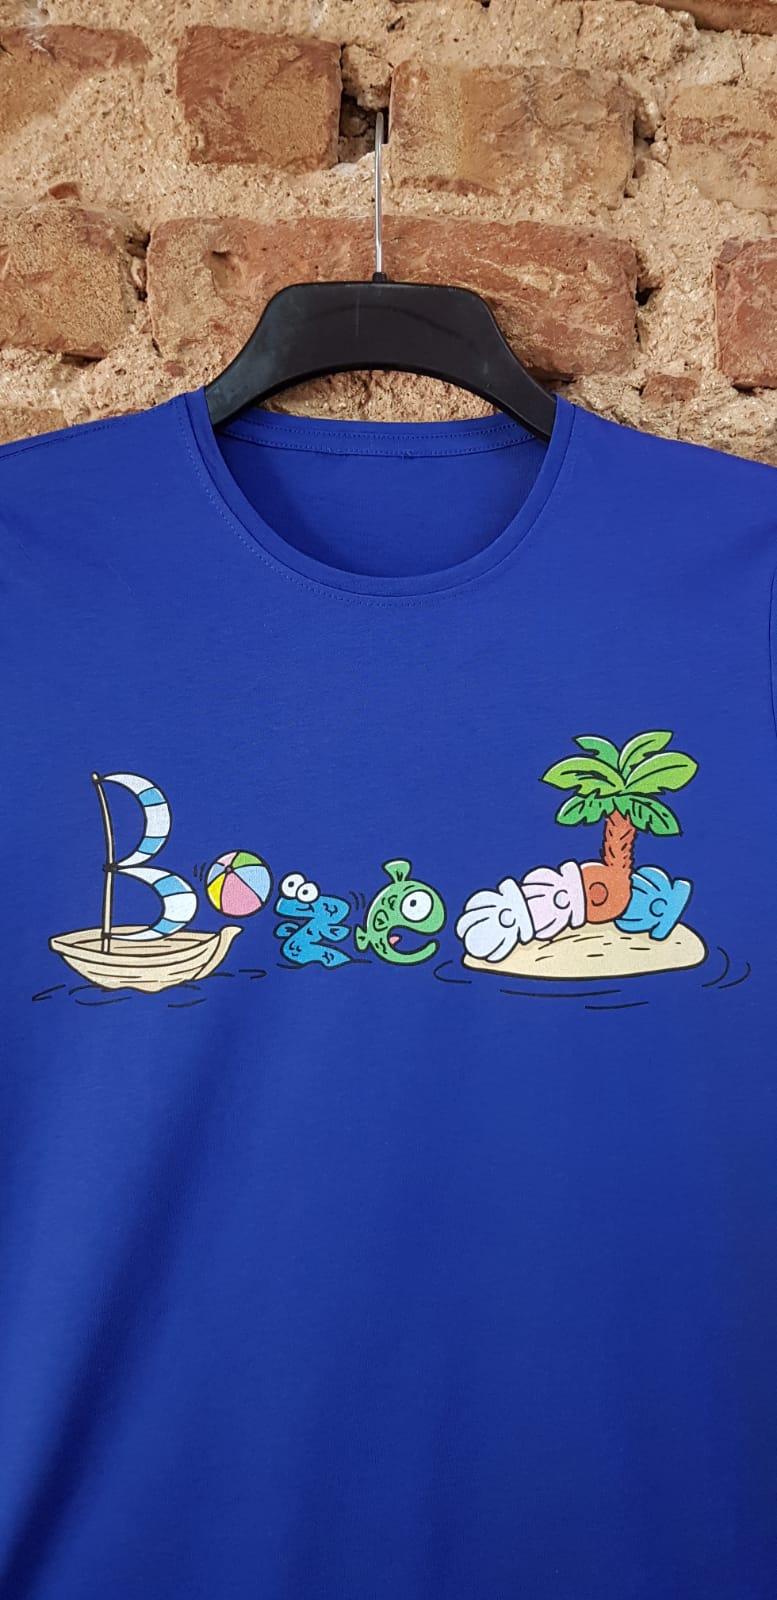 bozcaada-yazili-tshirt